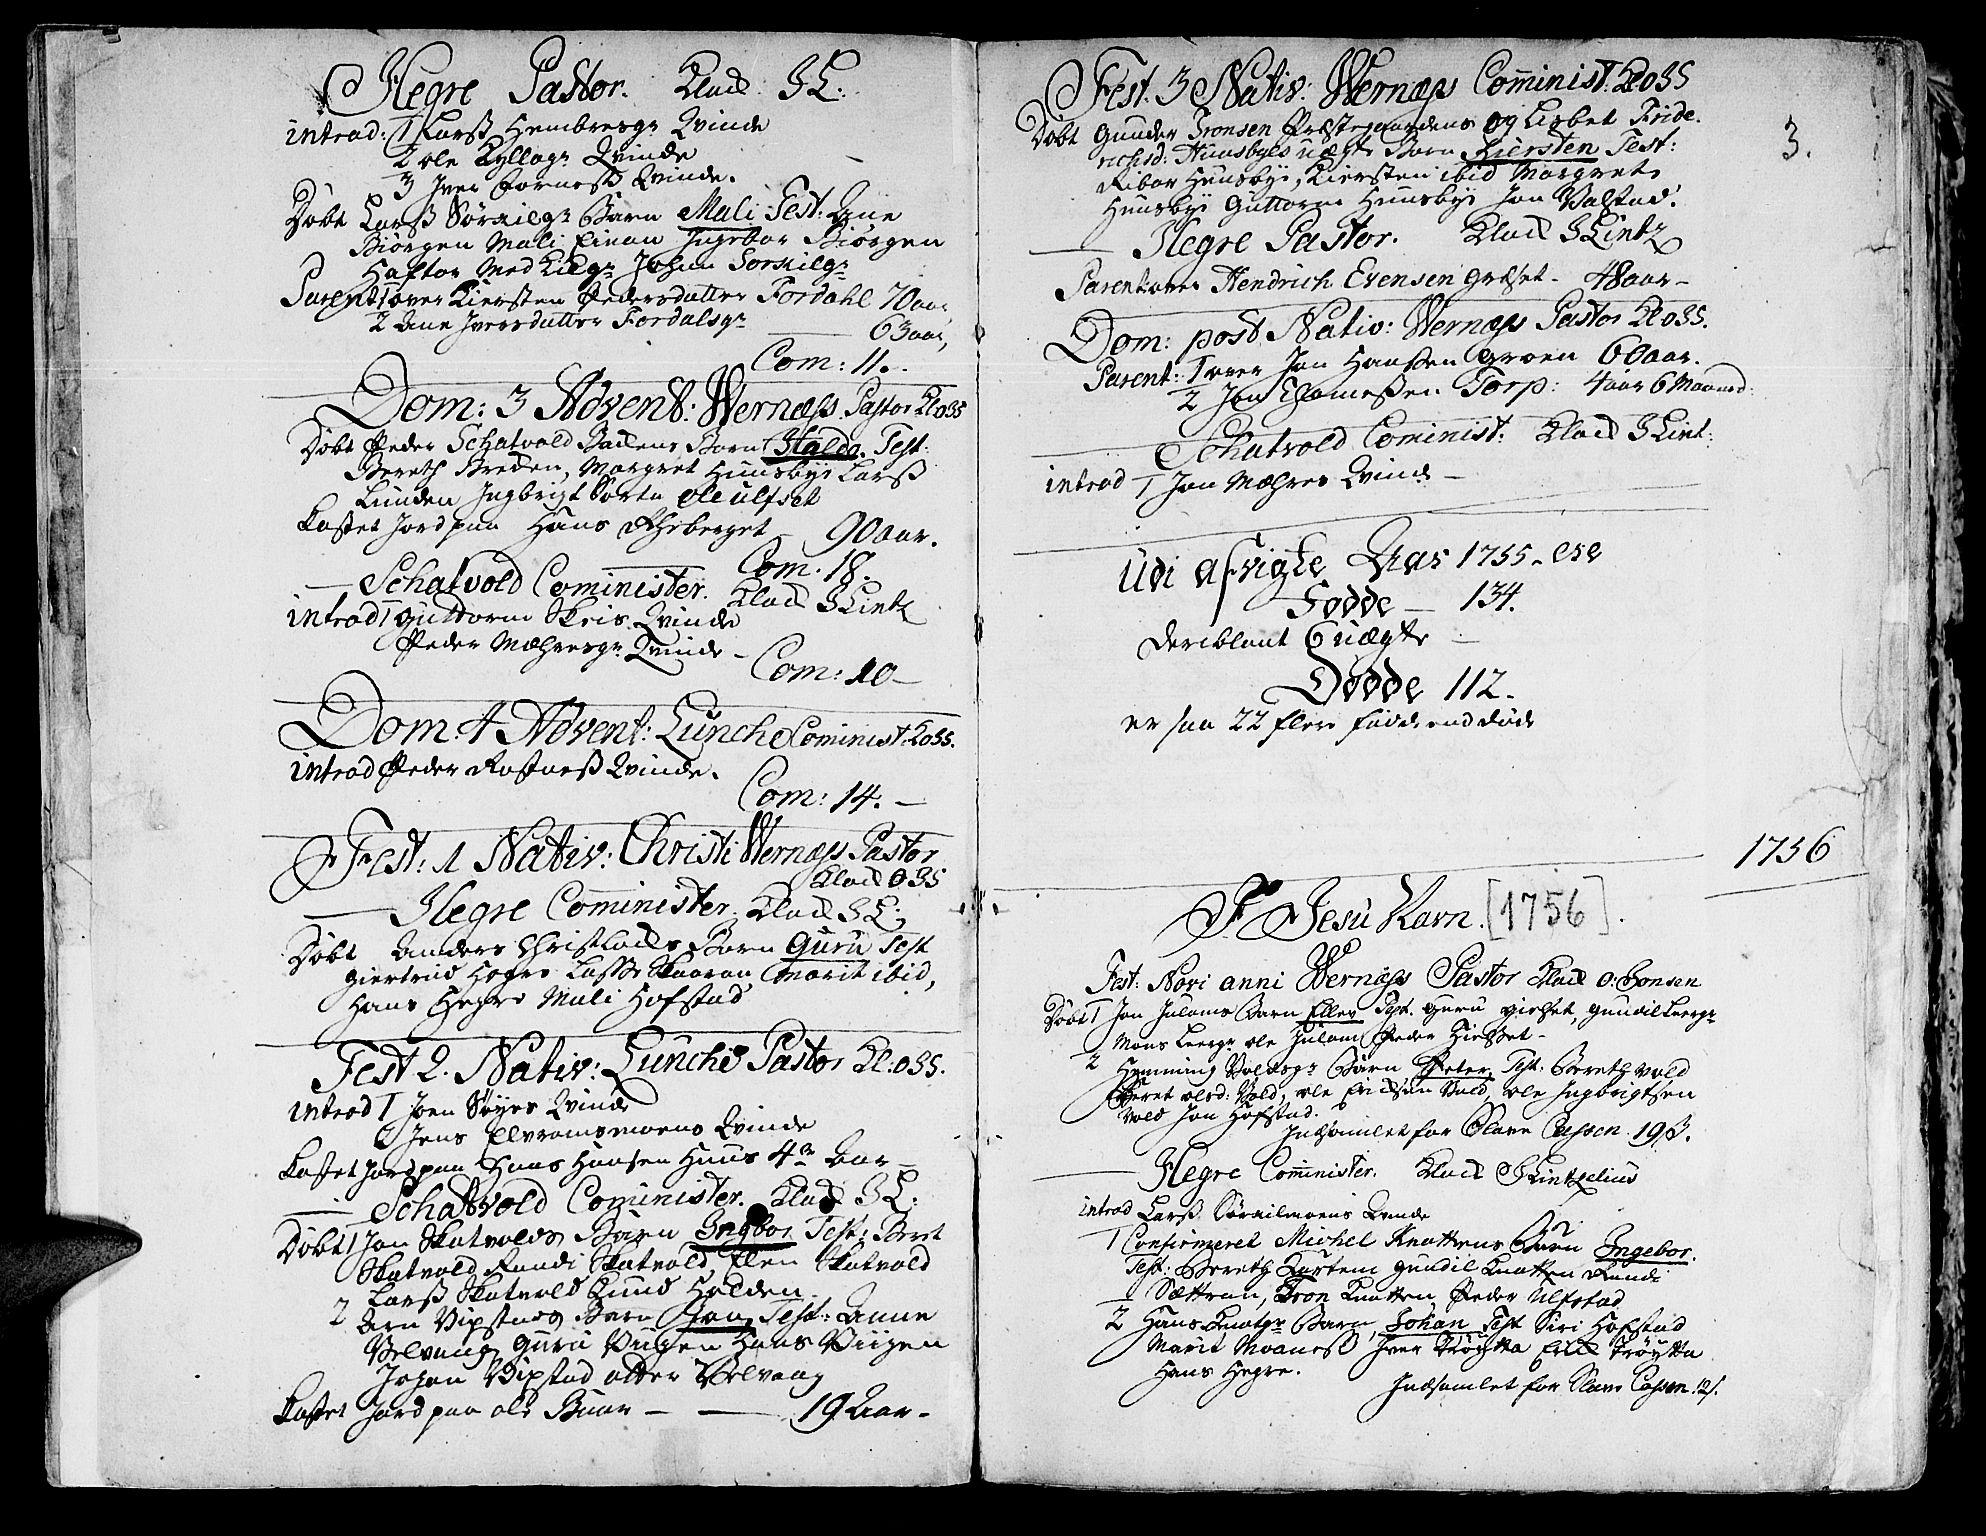 SAT, Ministerialprotokoller, klokkerbøker og fødselsregistre - Nord-Trøndelag, 709/L0057: Ministerialbok nr. 709A05, 1755-1780, s. 3